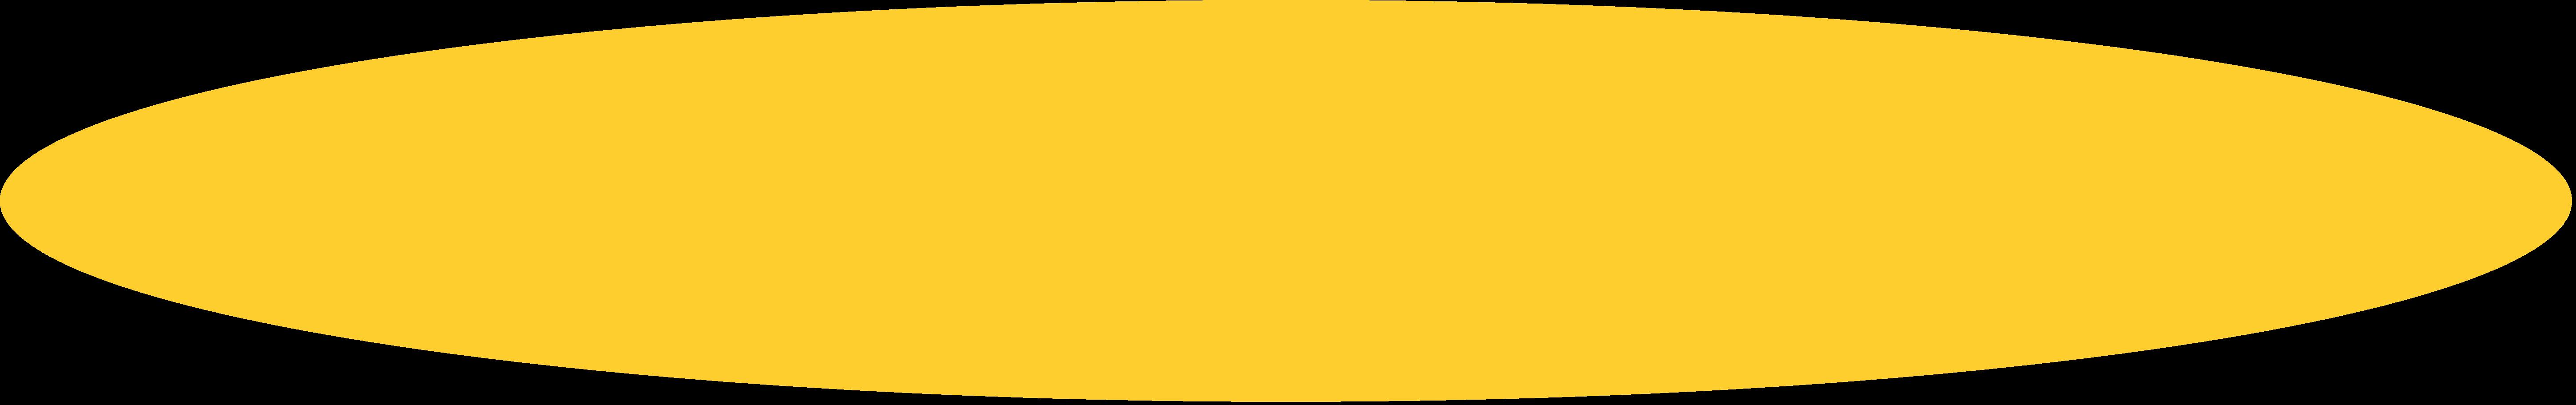 PNGとSVGの  スタイルの ファミリーフロアサークル ベクターイメージ   Icons8 イラスト